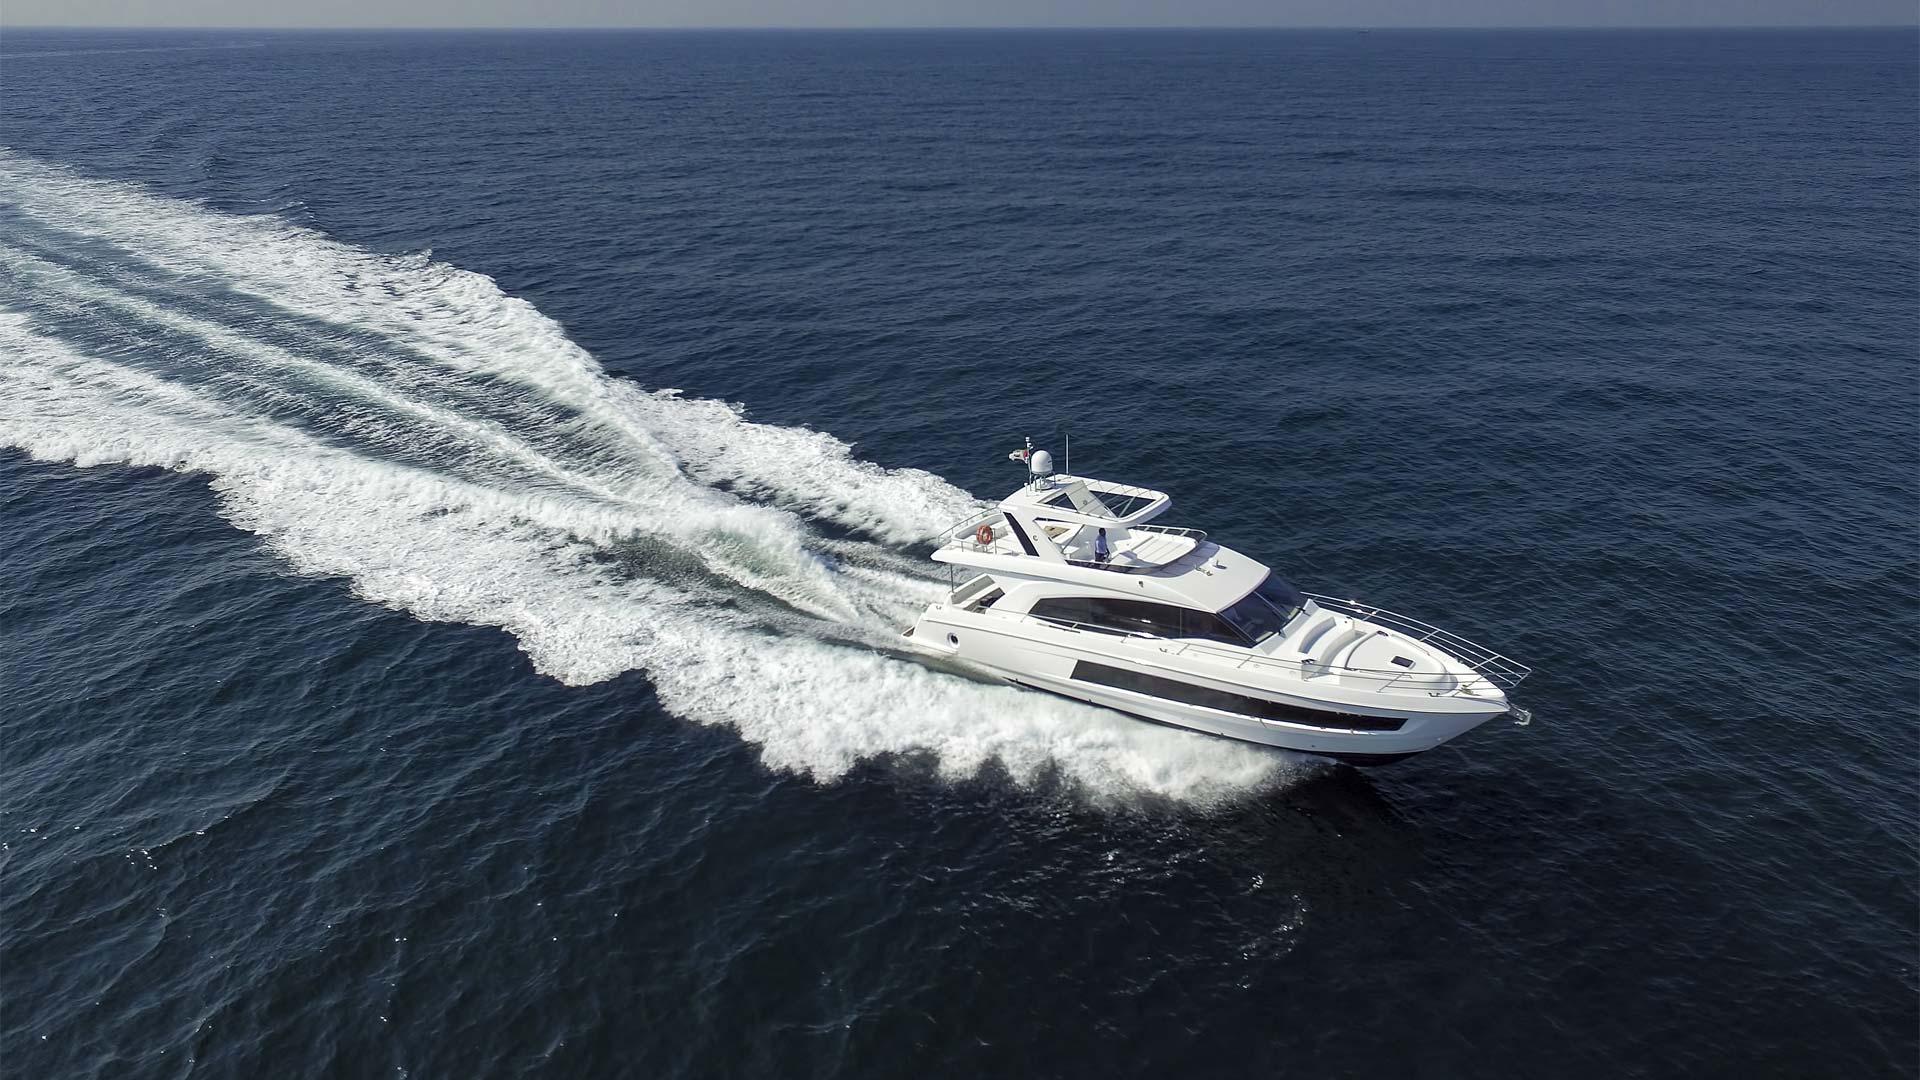 Majesty 62 - Majesty Yachts by - Drettmann Yachts